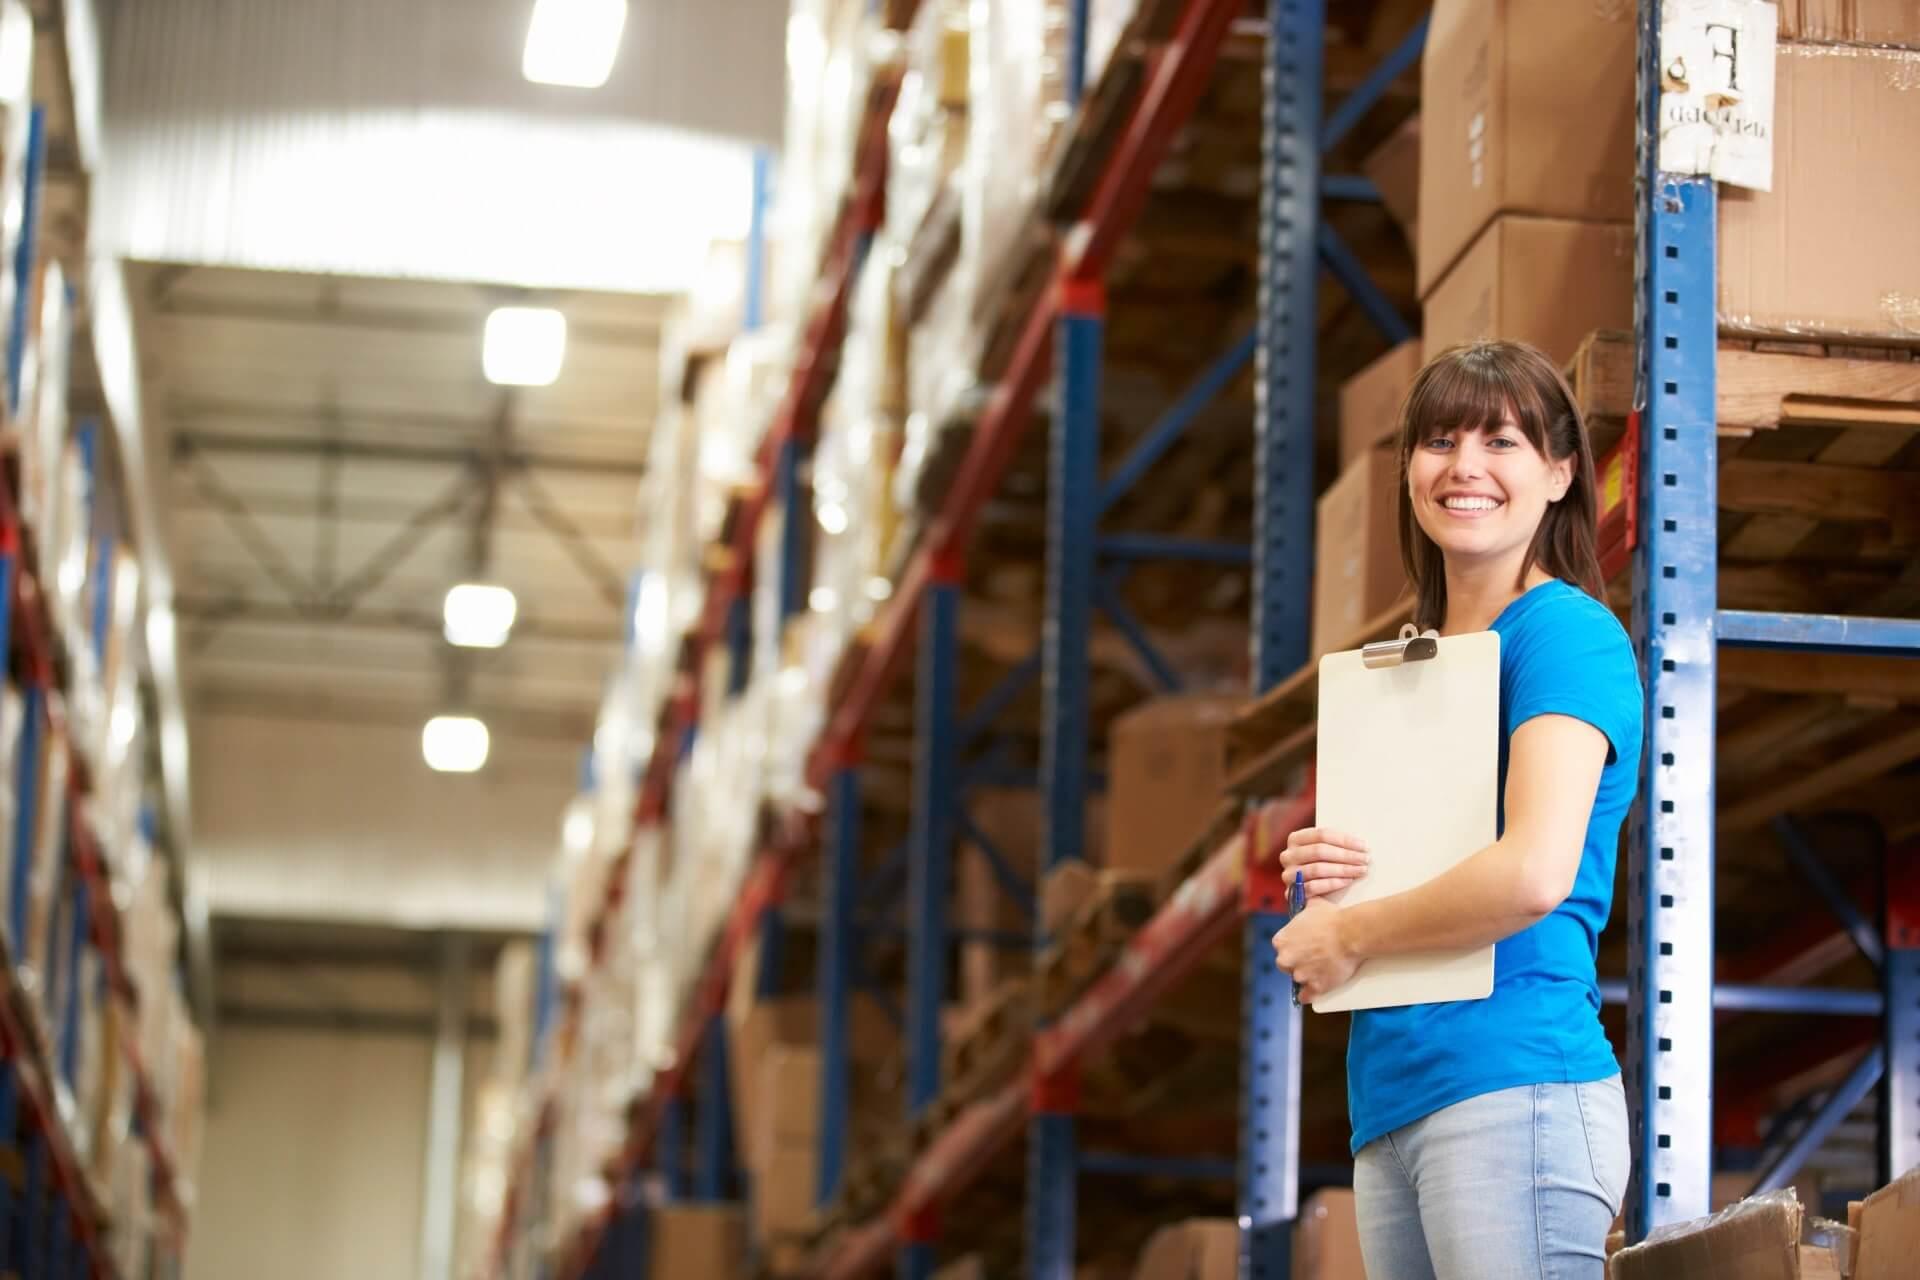 Eine lächelnde Frau im blauen T-Shirt steht mit Klemmbrett im Lager und führt Buch für das ERP System